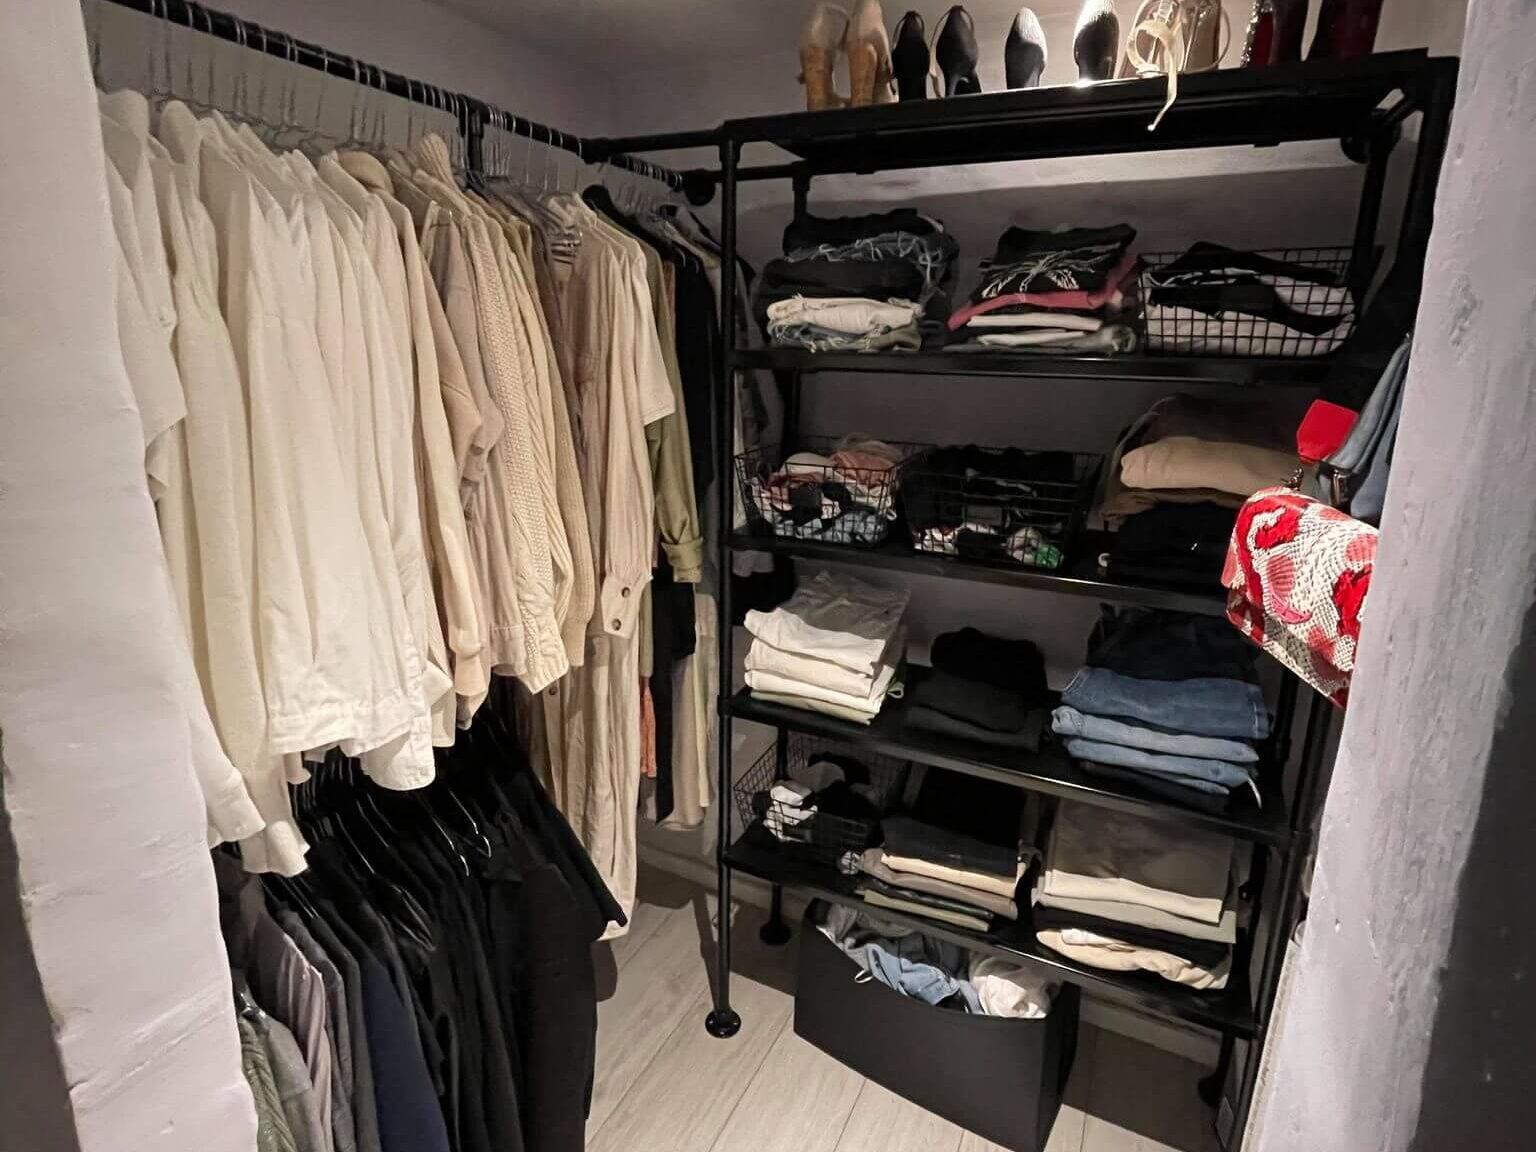 Clamps og fittings her brugt i en smart garderobe løsning